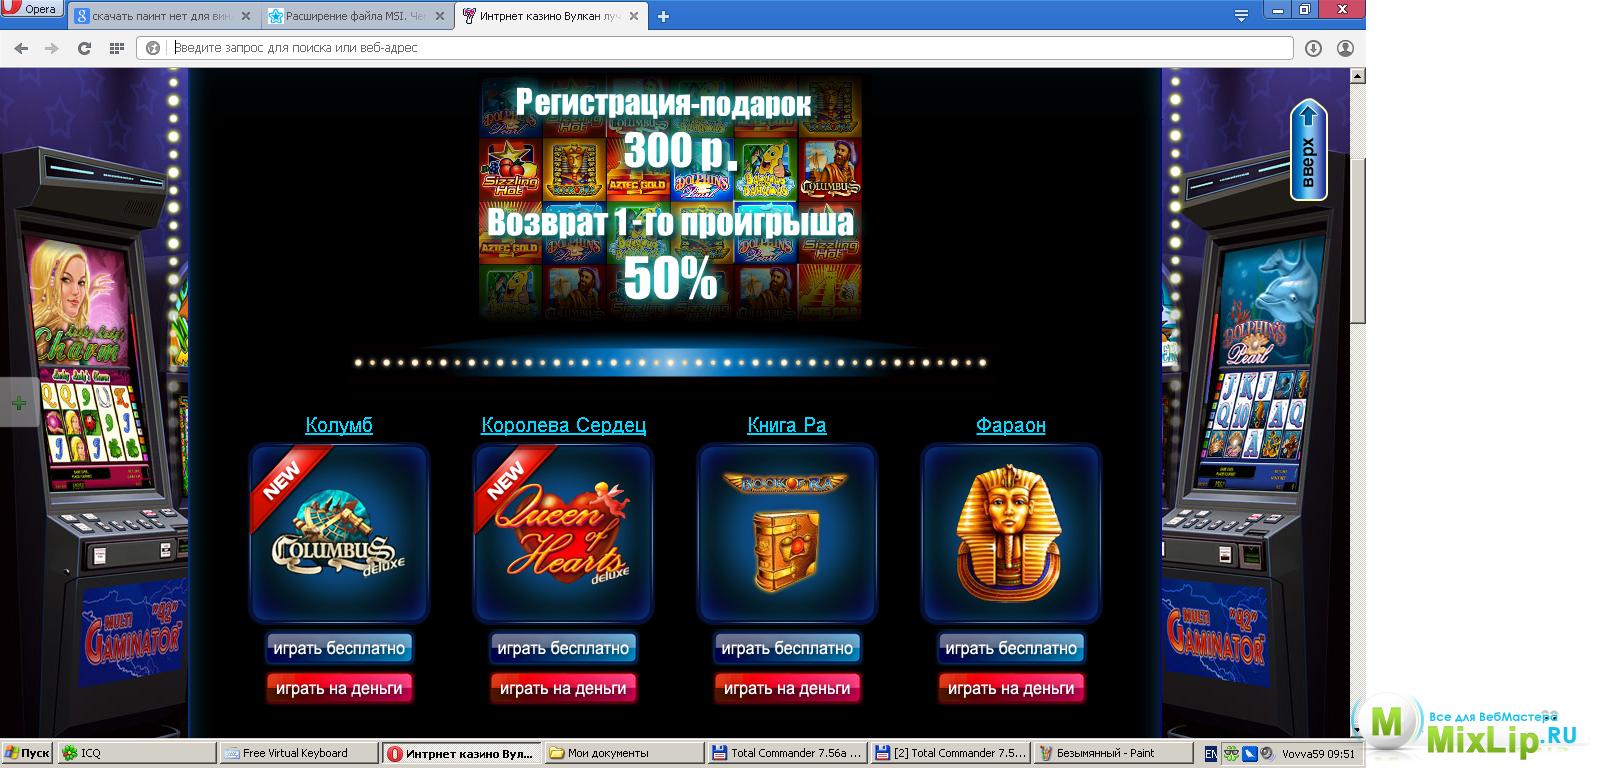 Скрипт онлайн казино скачать бесплатно азартные игры слот автоматы играть сейчас бесплатно без регистрации скачать